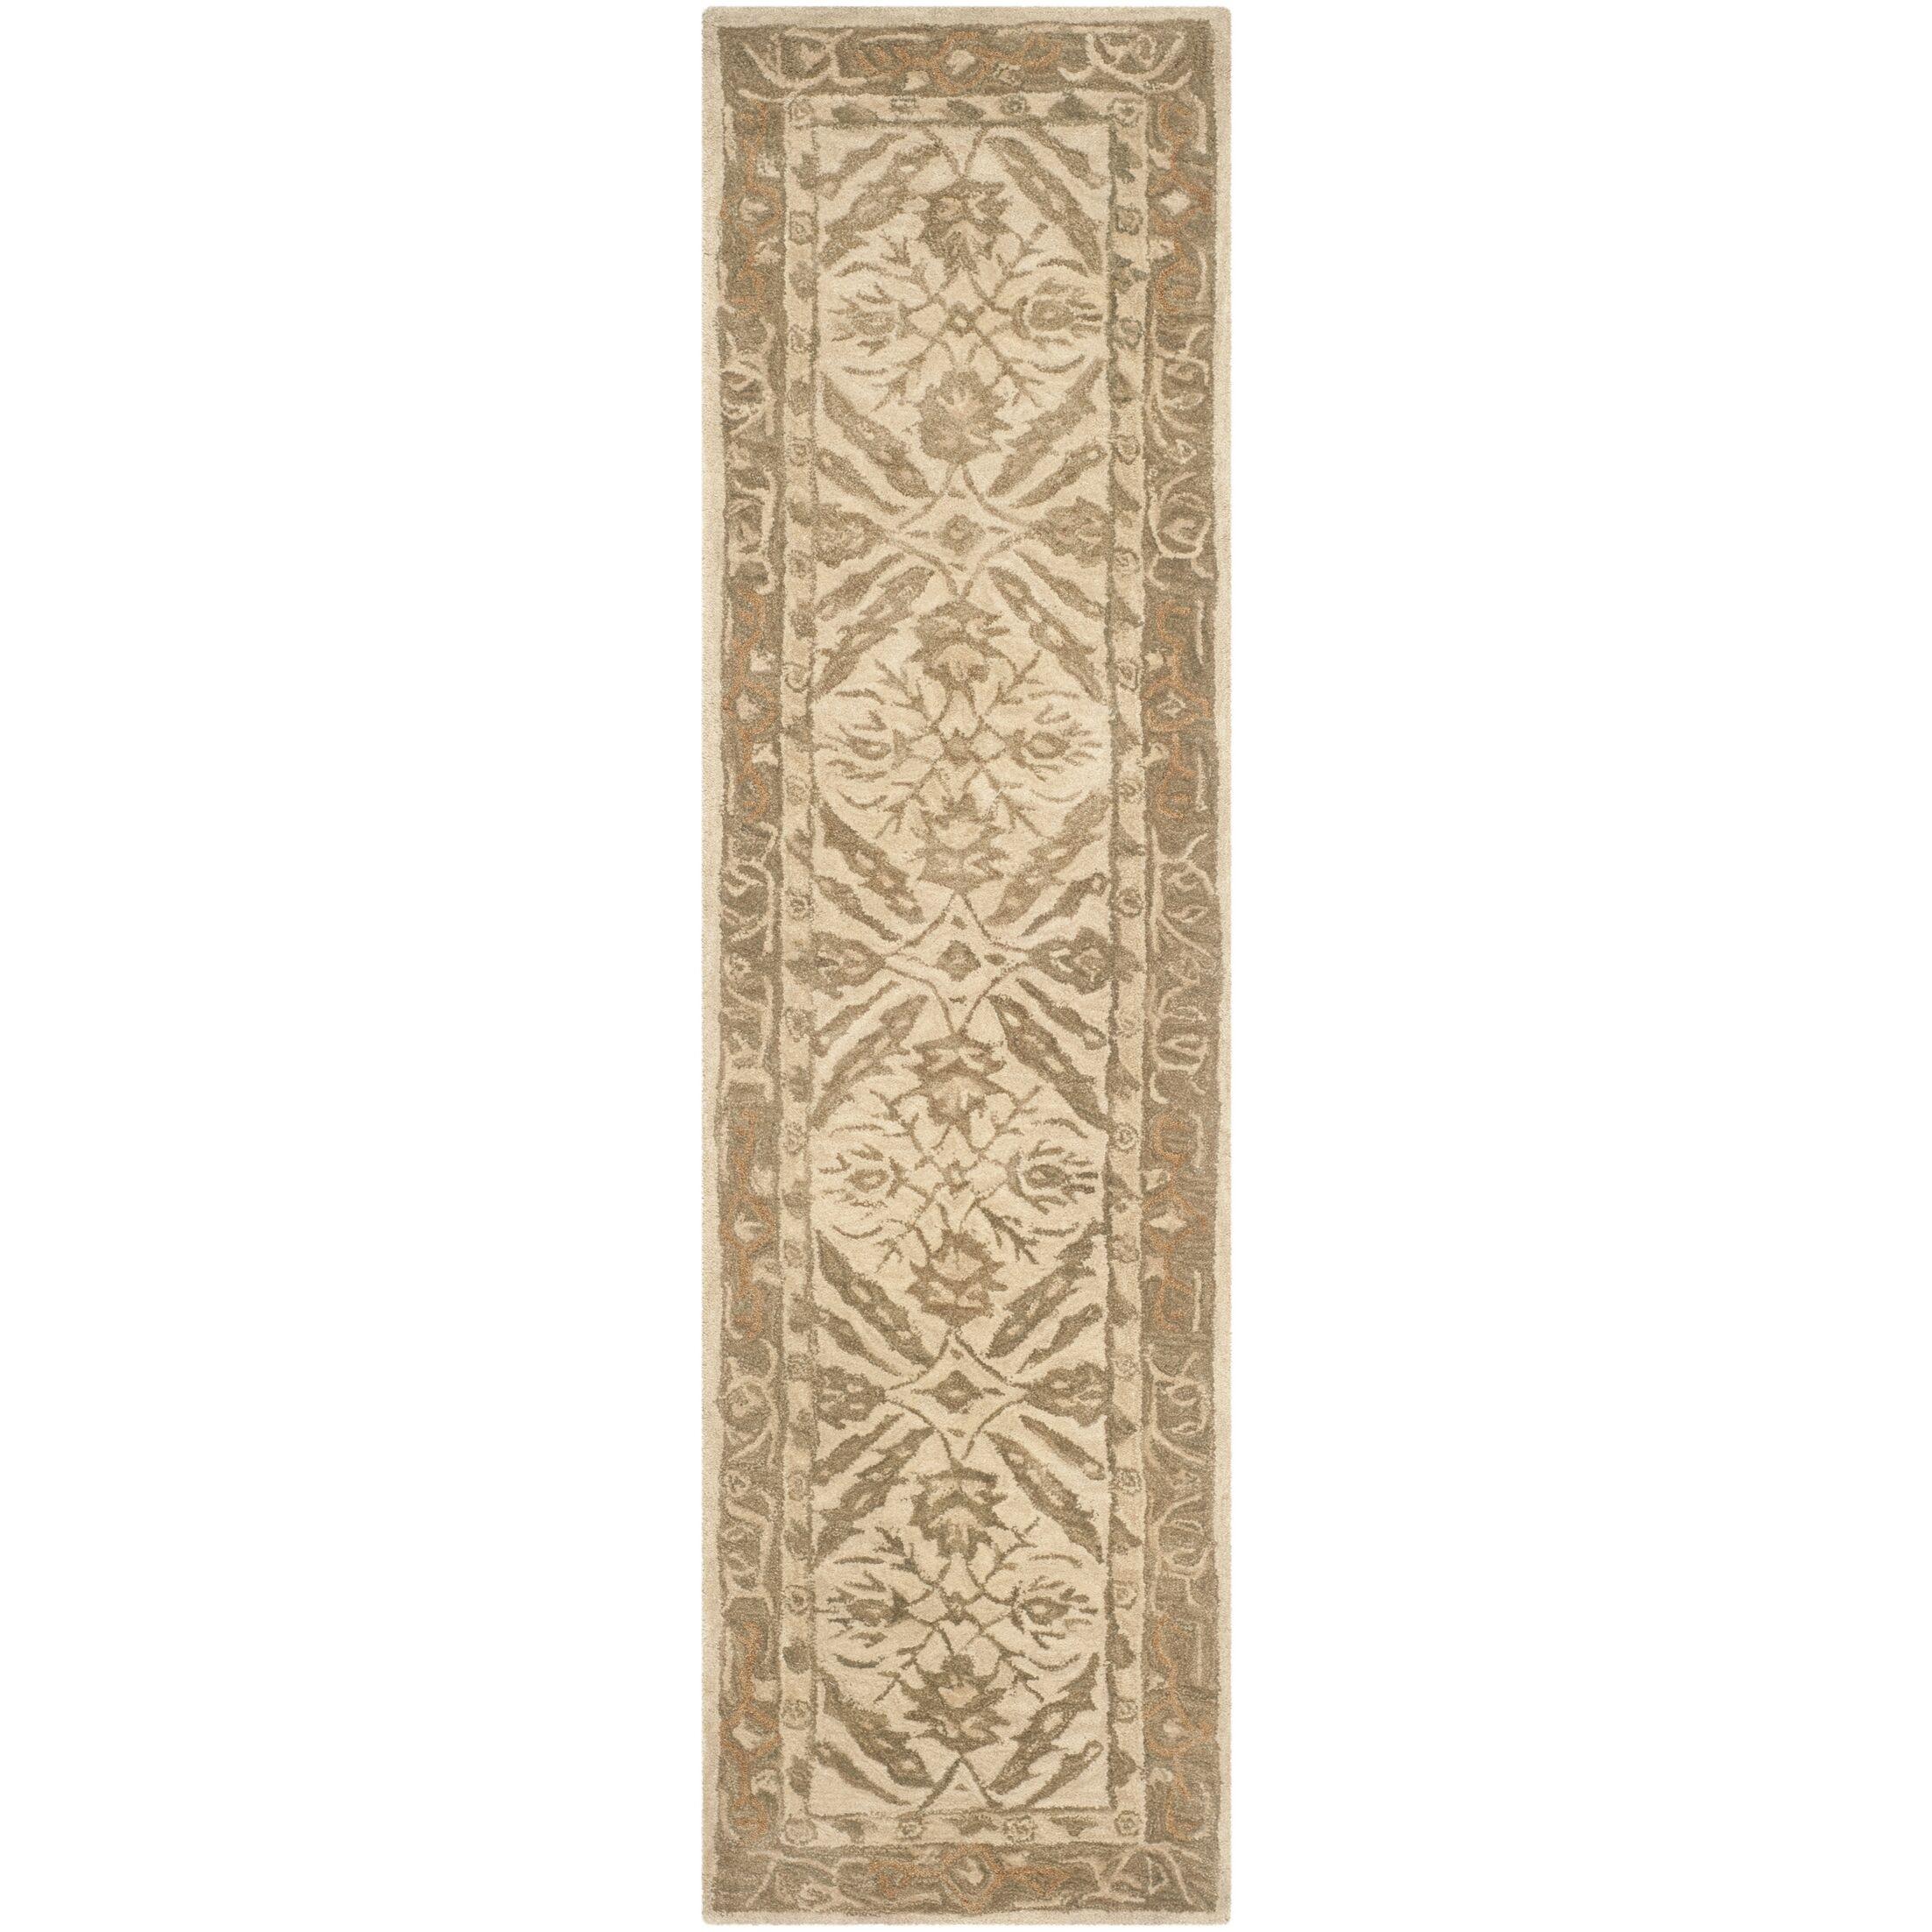 Anatolia Ivory Area Rug Rug Size: Runner 2'3